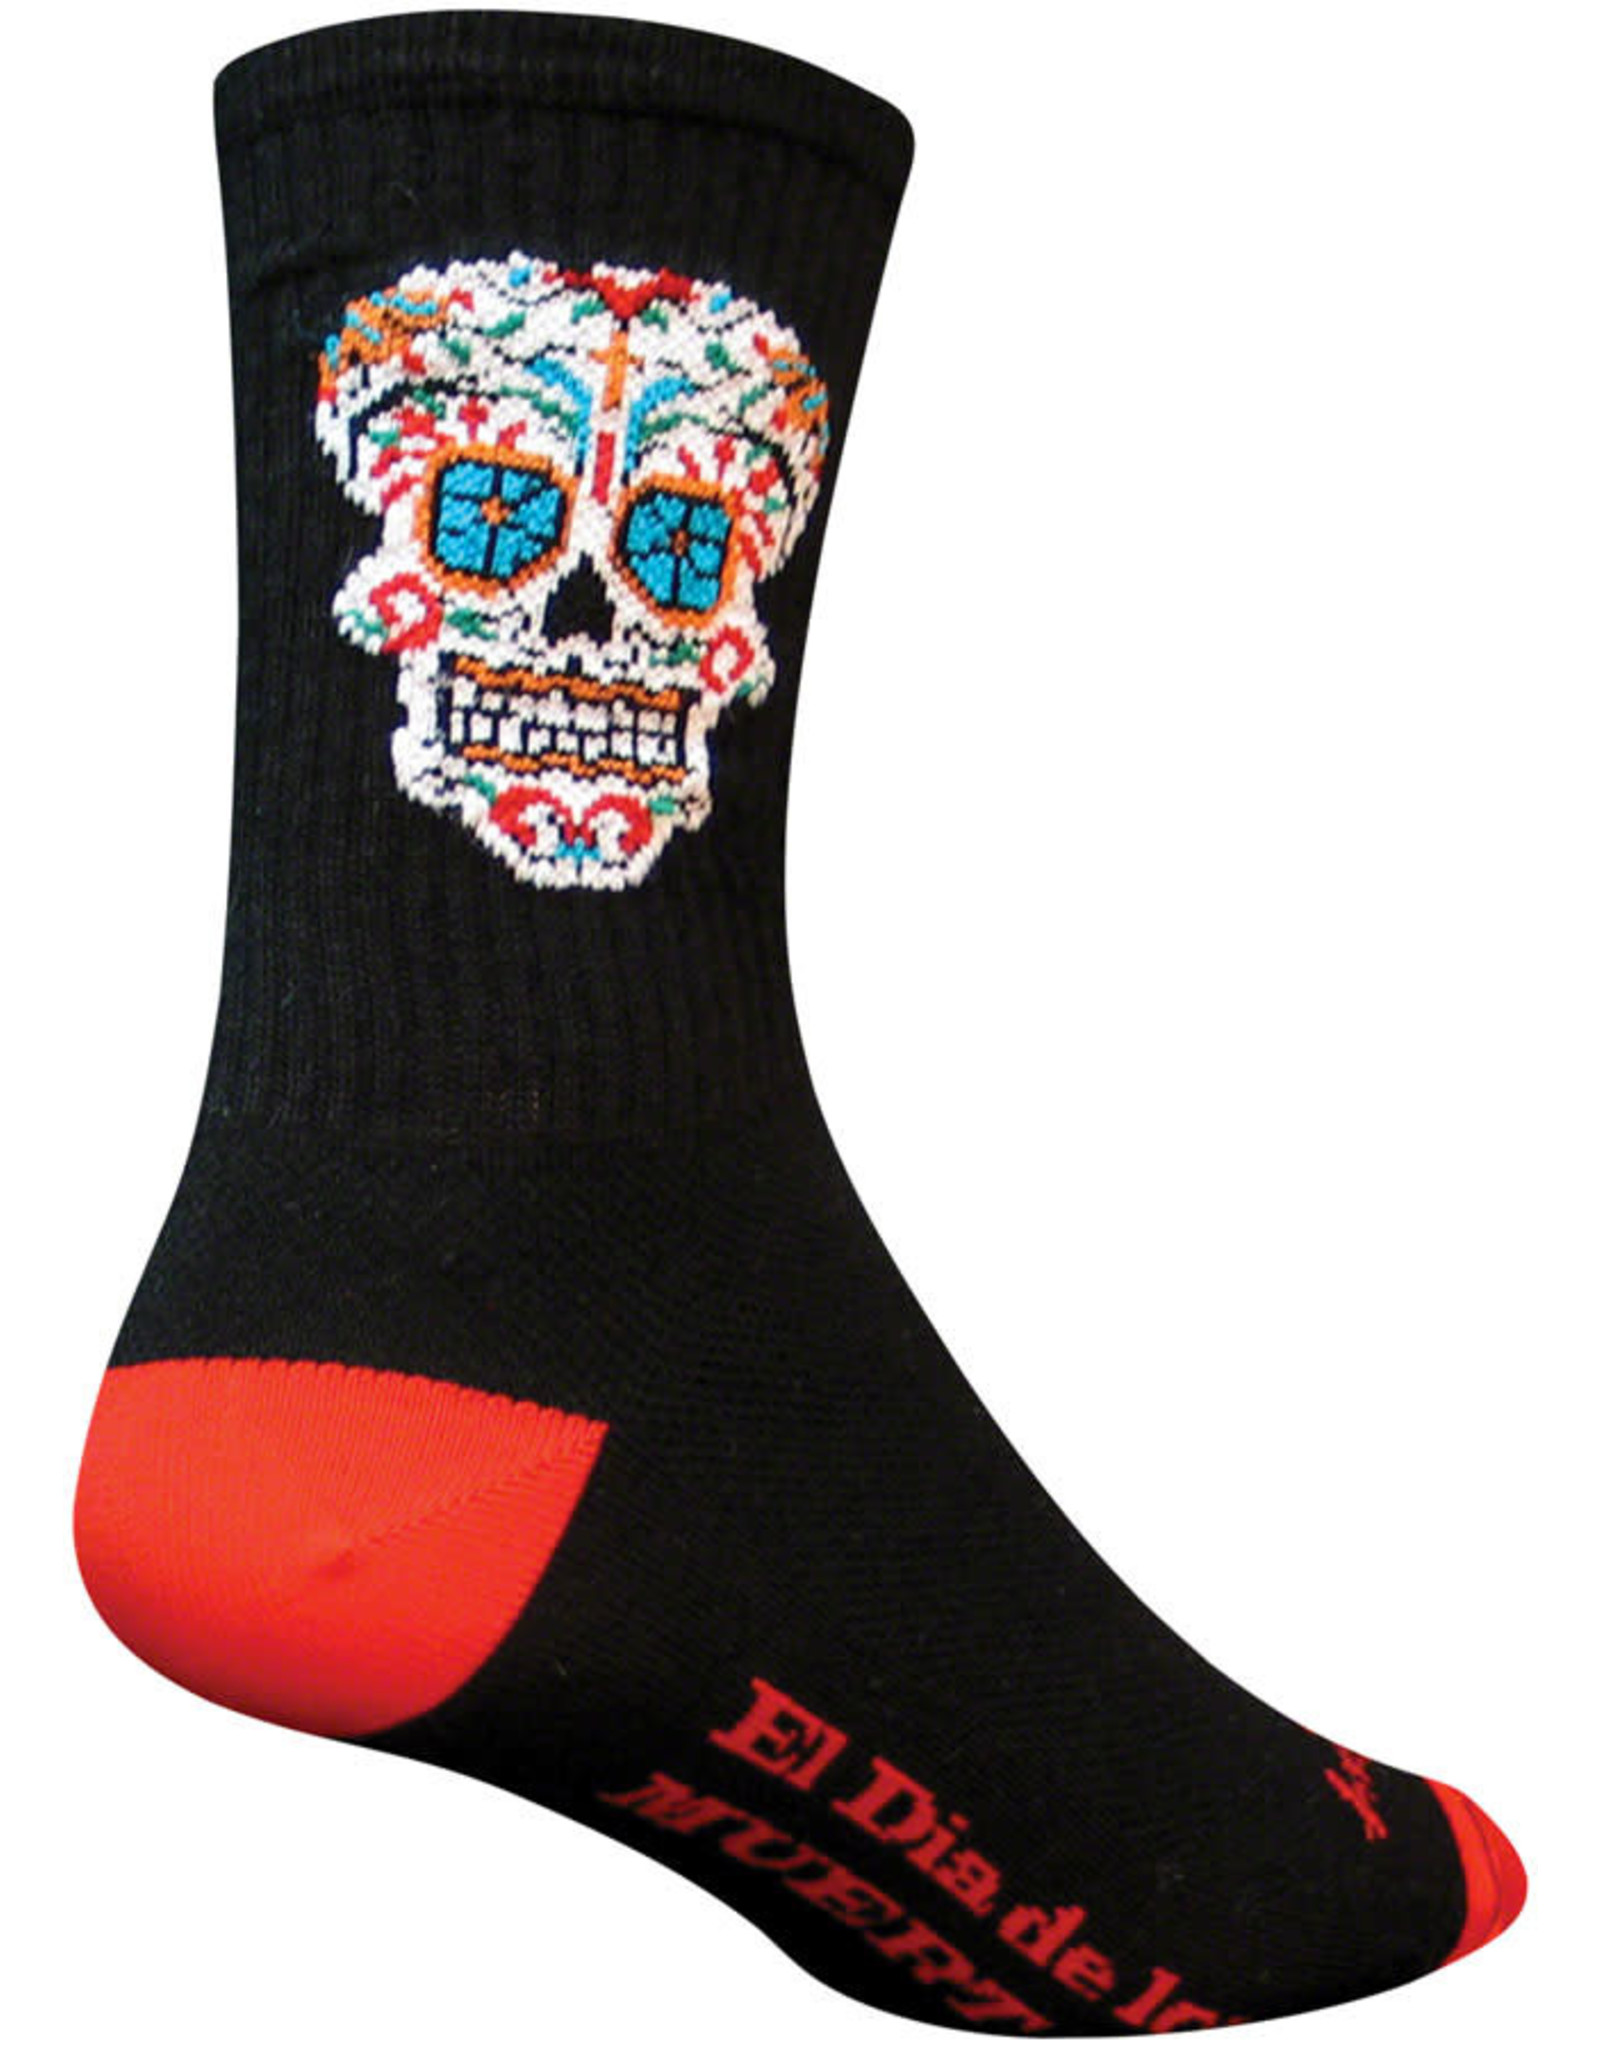 SockGuy Crew Sock